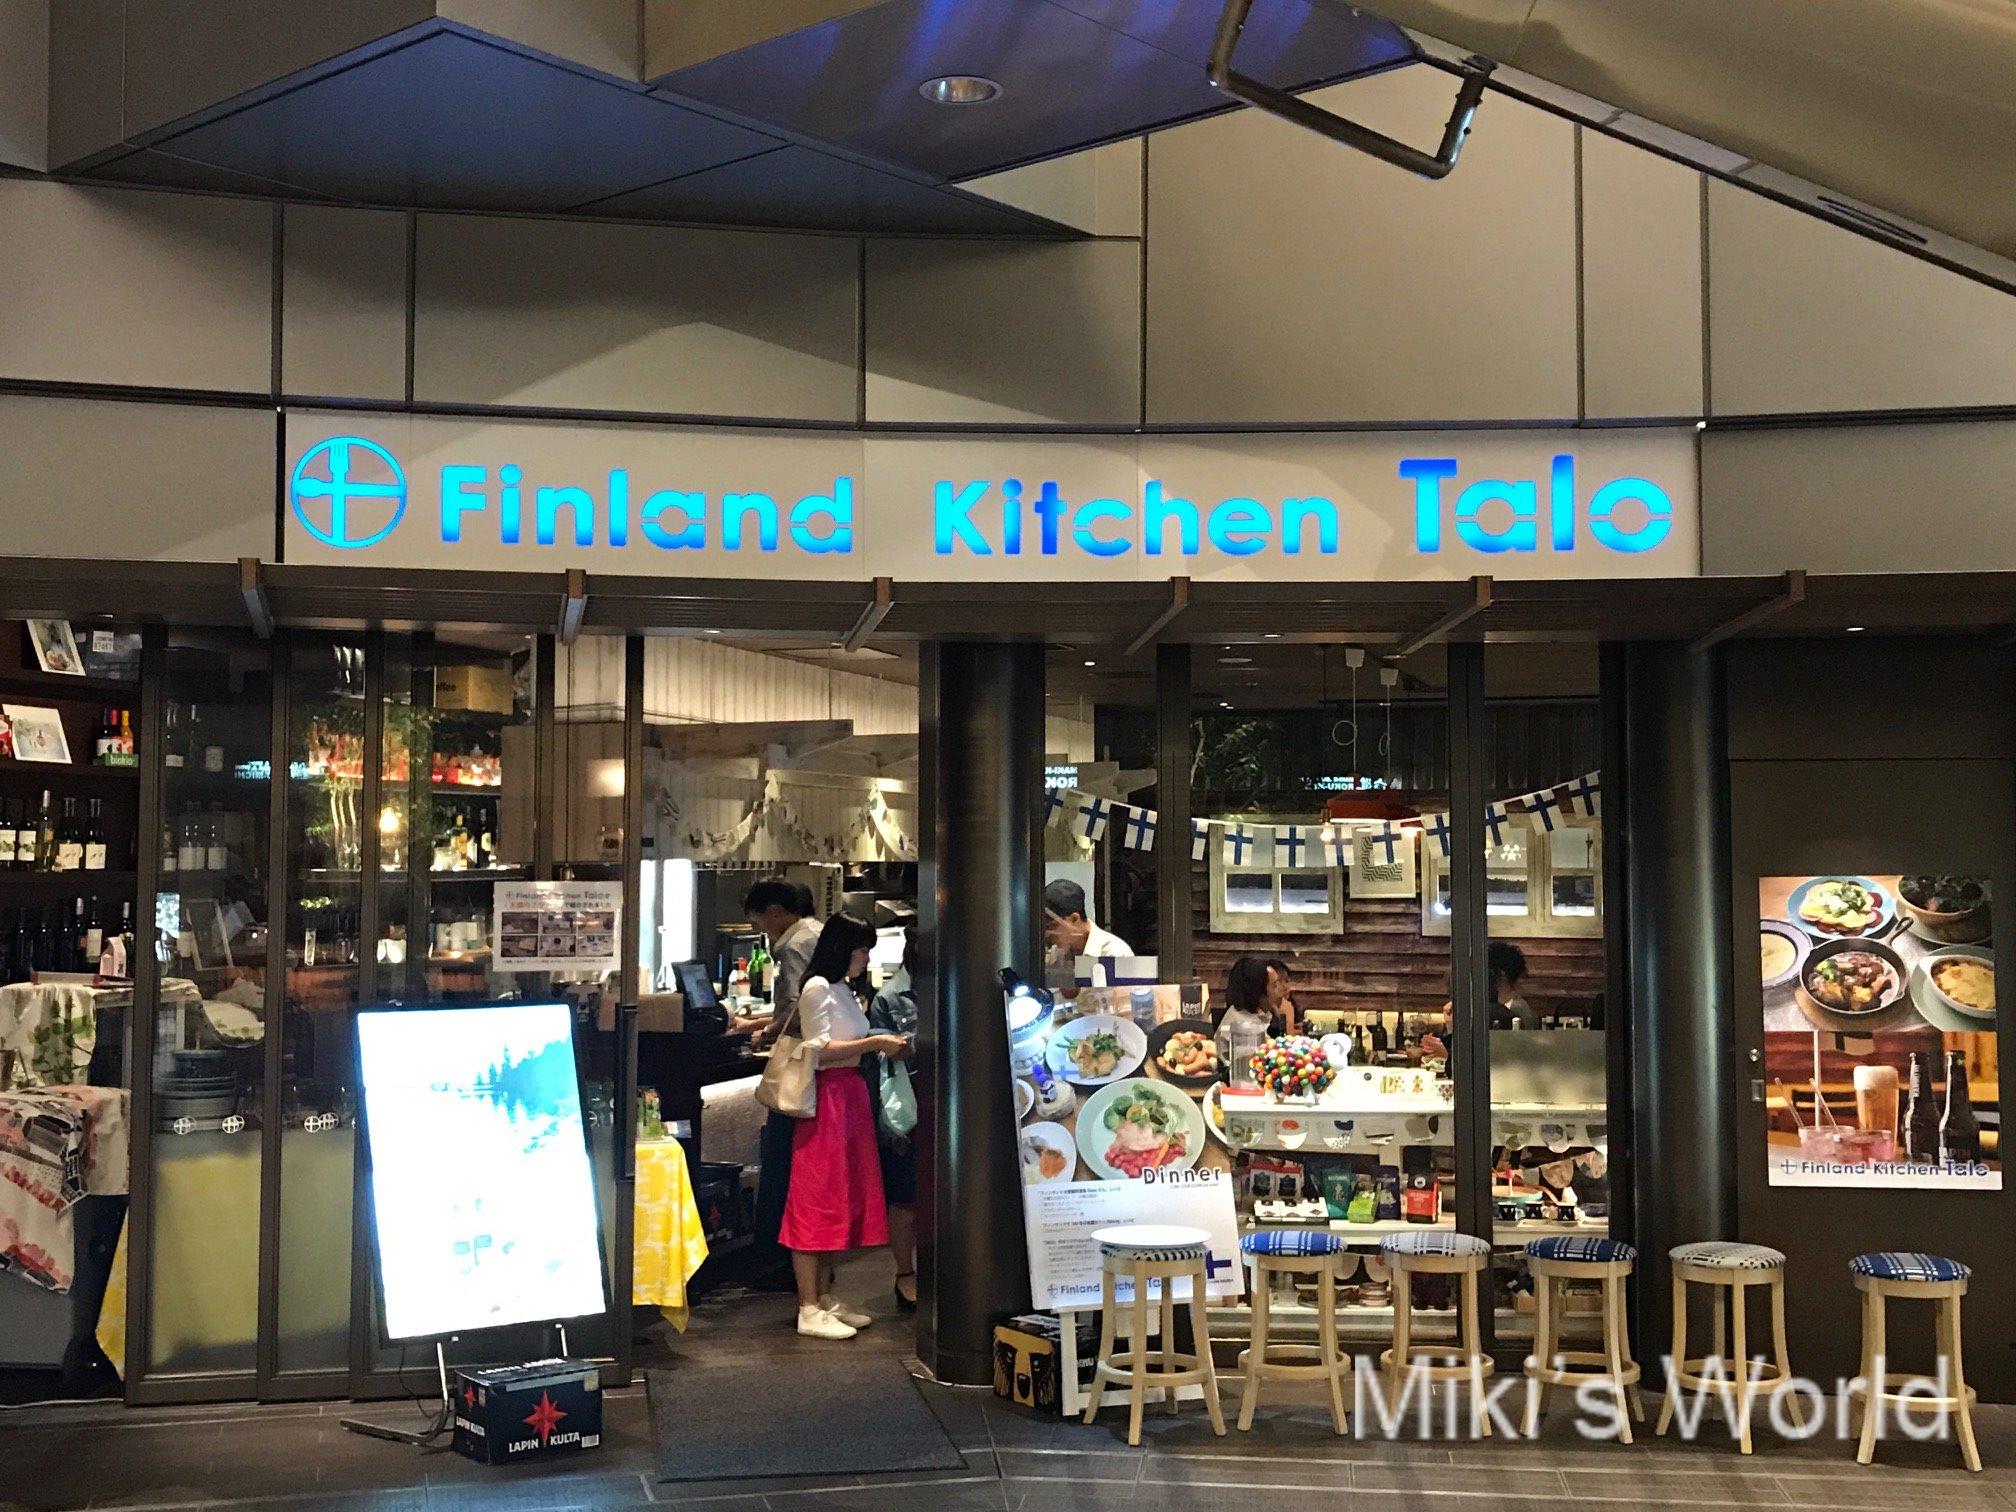 フィンランドキッチンタロで食事をし、フィンランドを思い出す